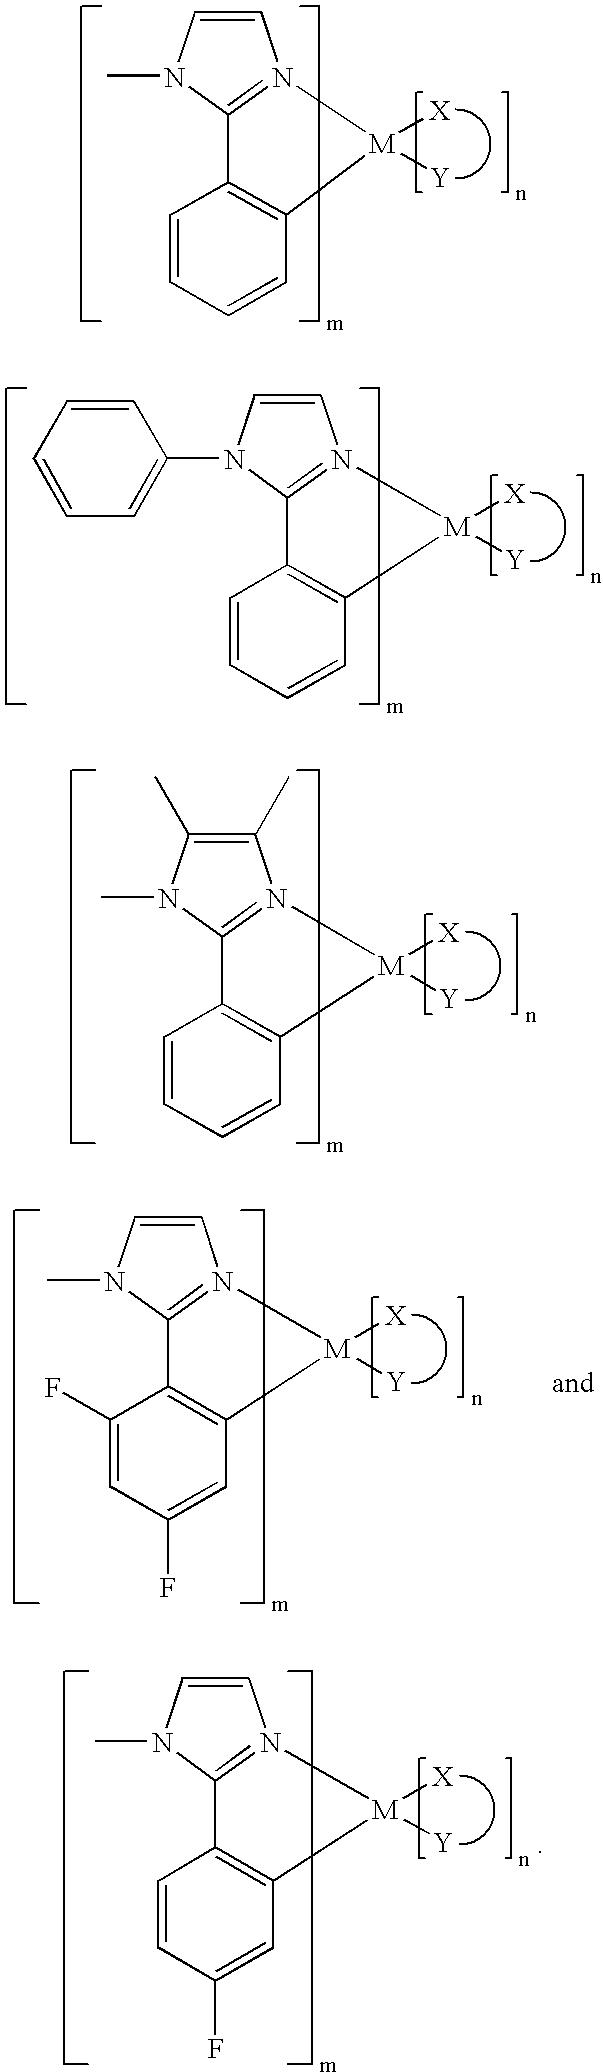 Figure US20060008670A1-20060112-C00037